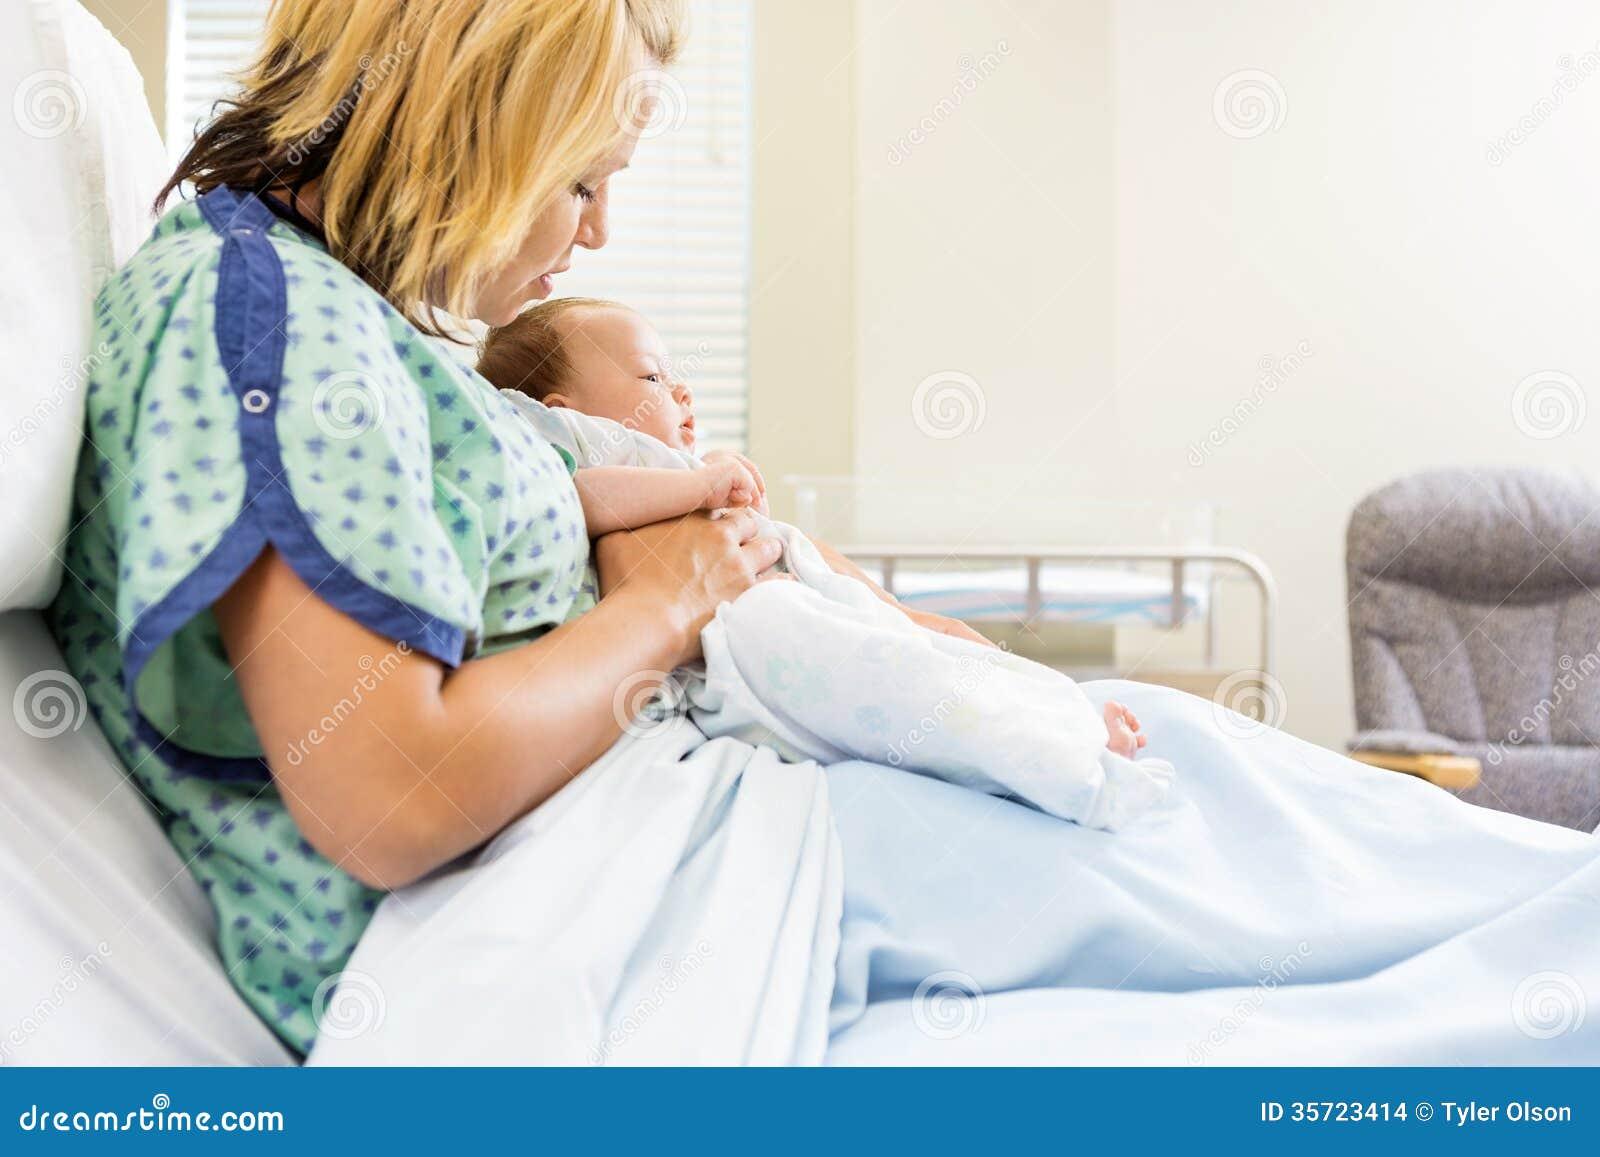 Donna che esamina Babygirl neonato sul letto di ospedale